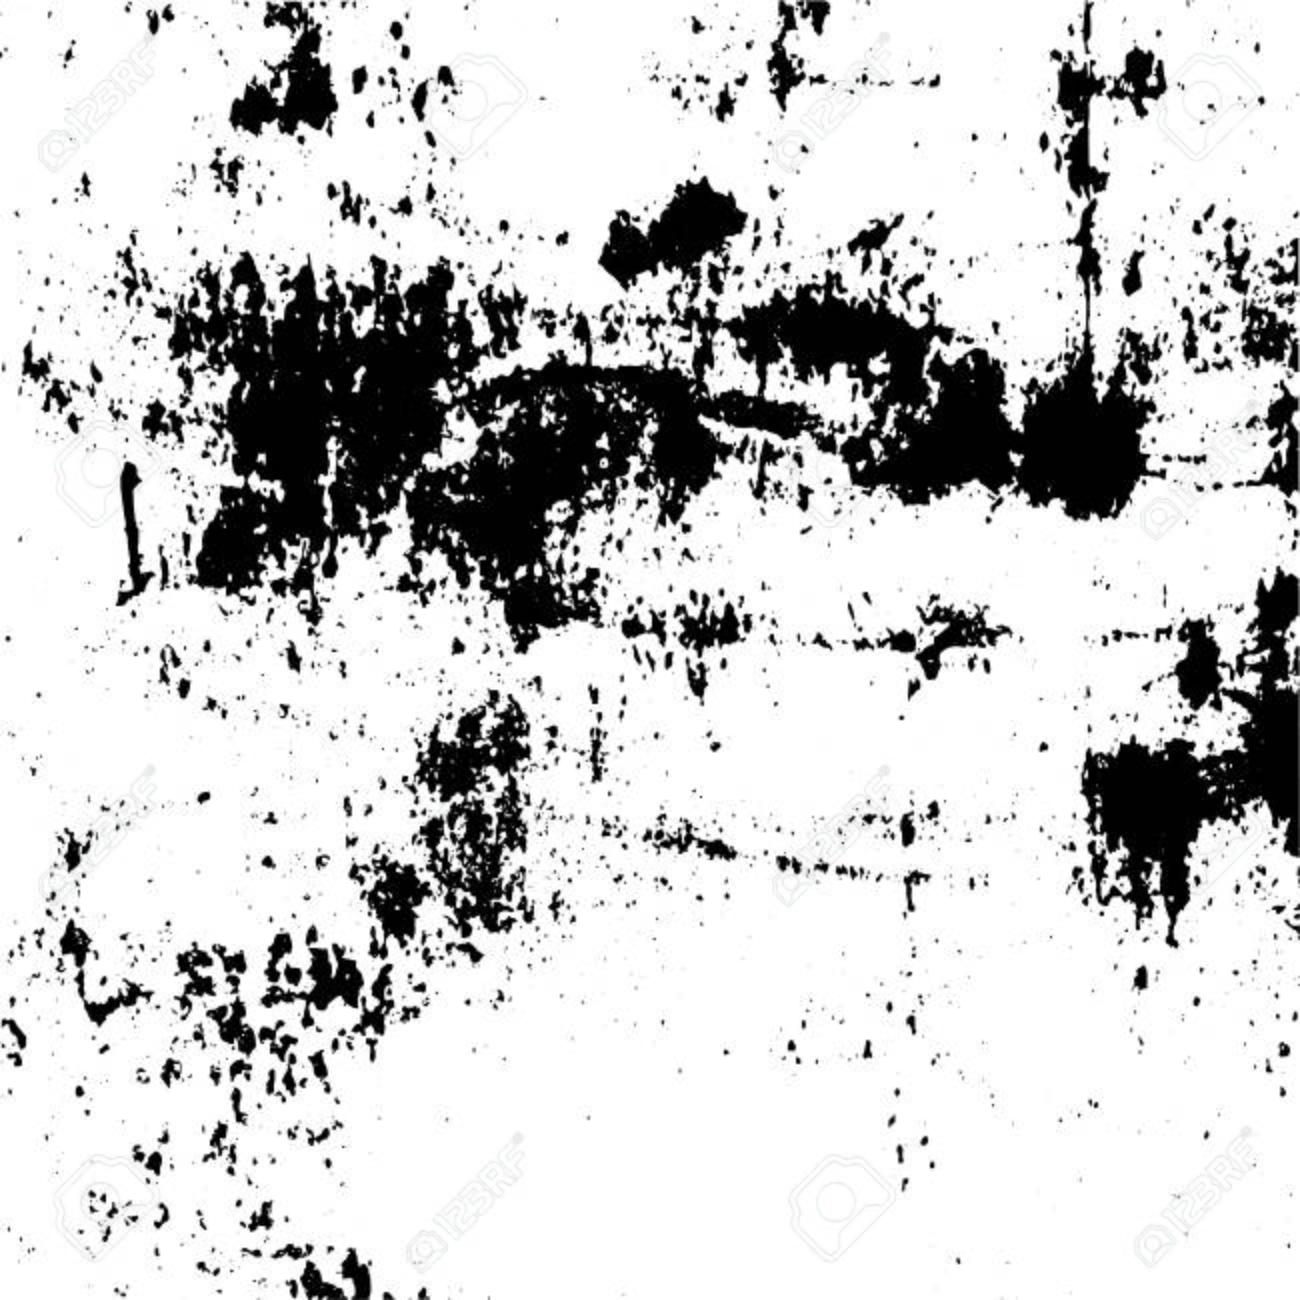 グランジ texture grunge background grunge effect grunge overlay